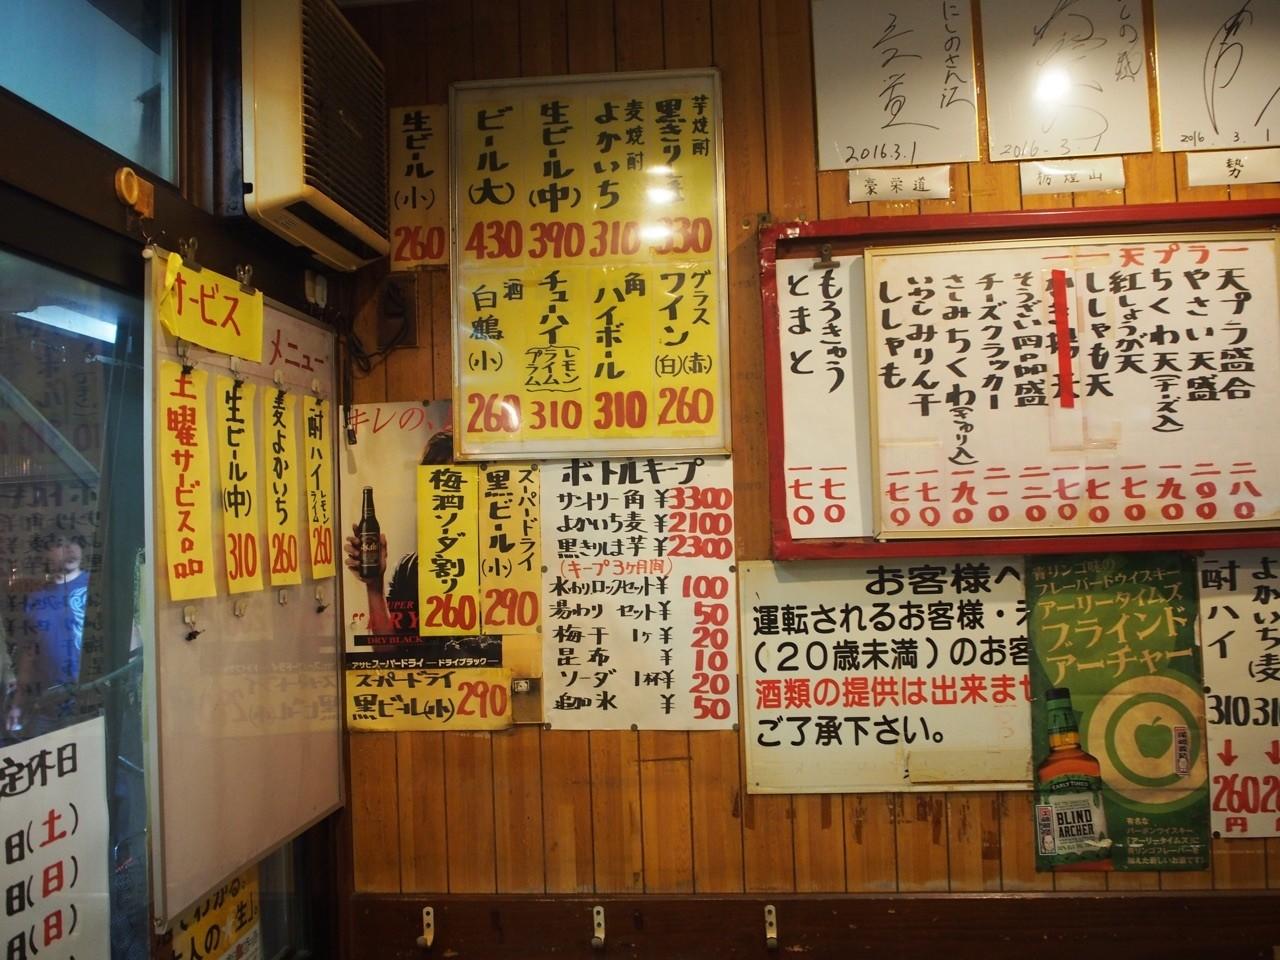 京橋居酒屋菜單